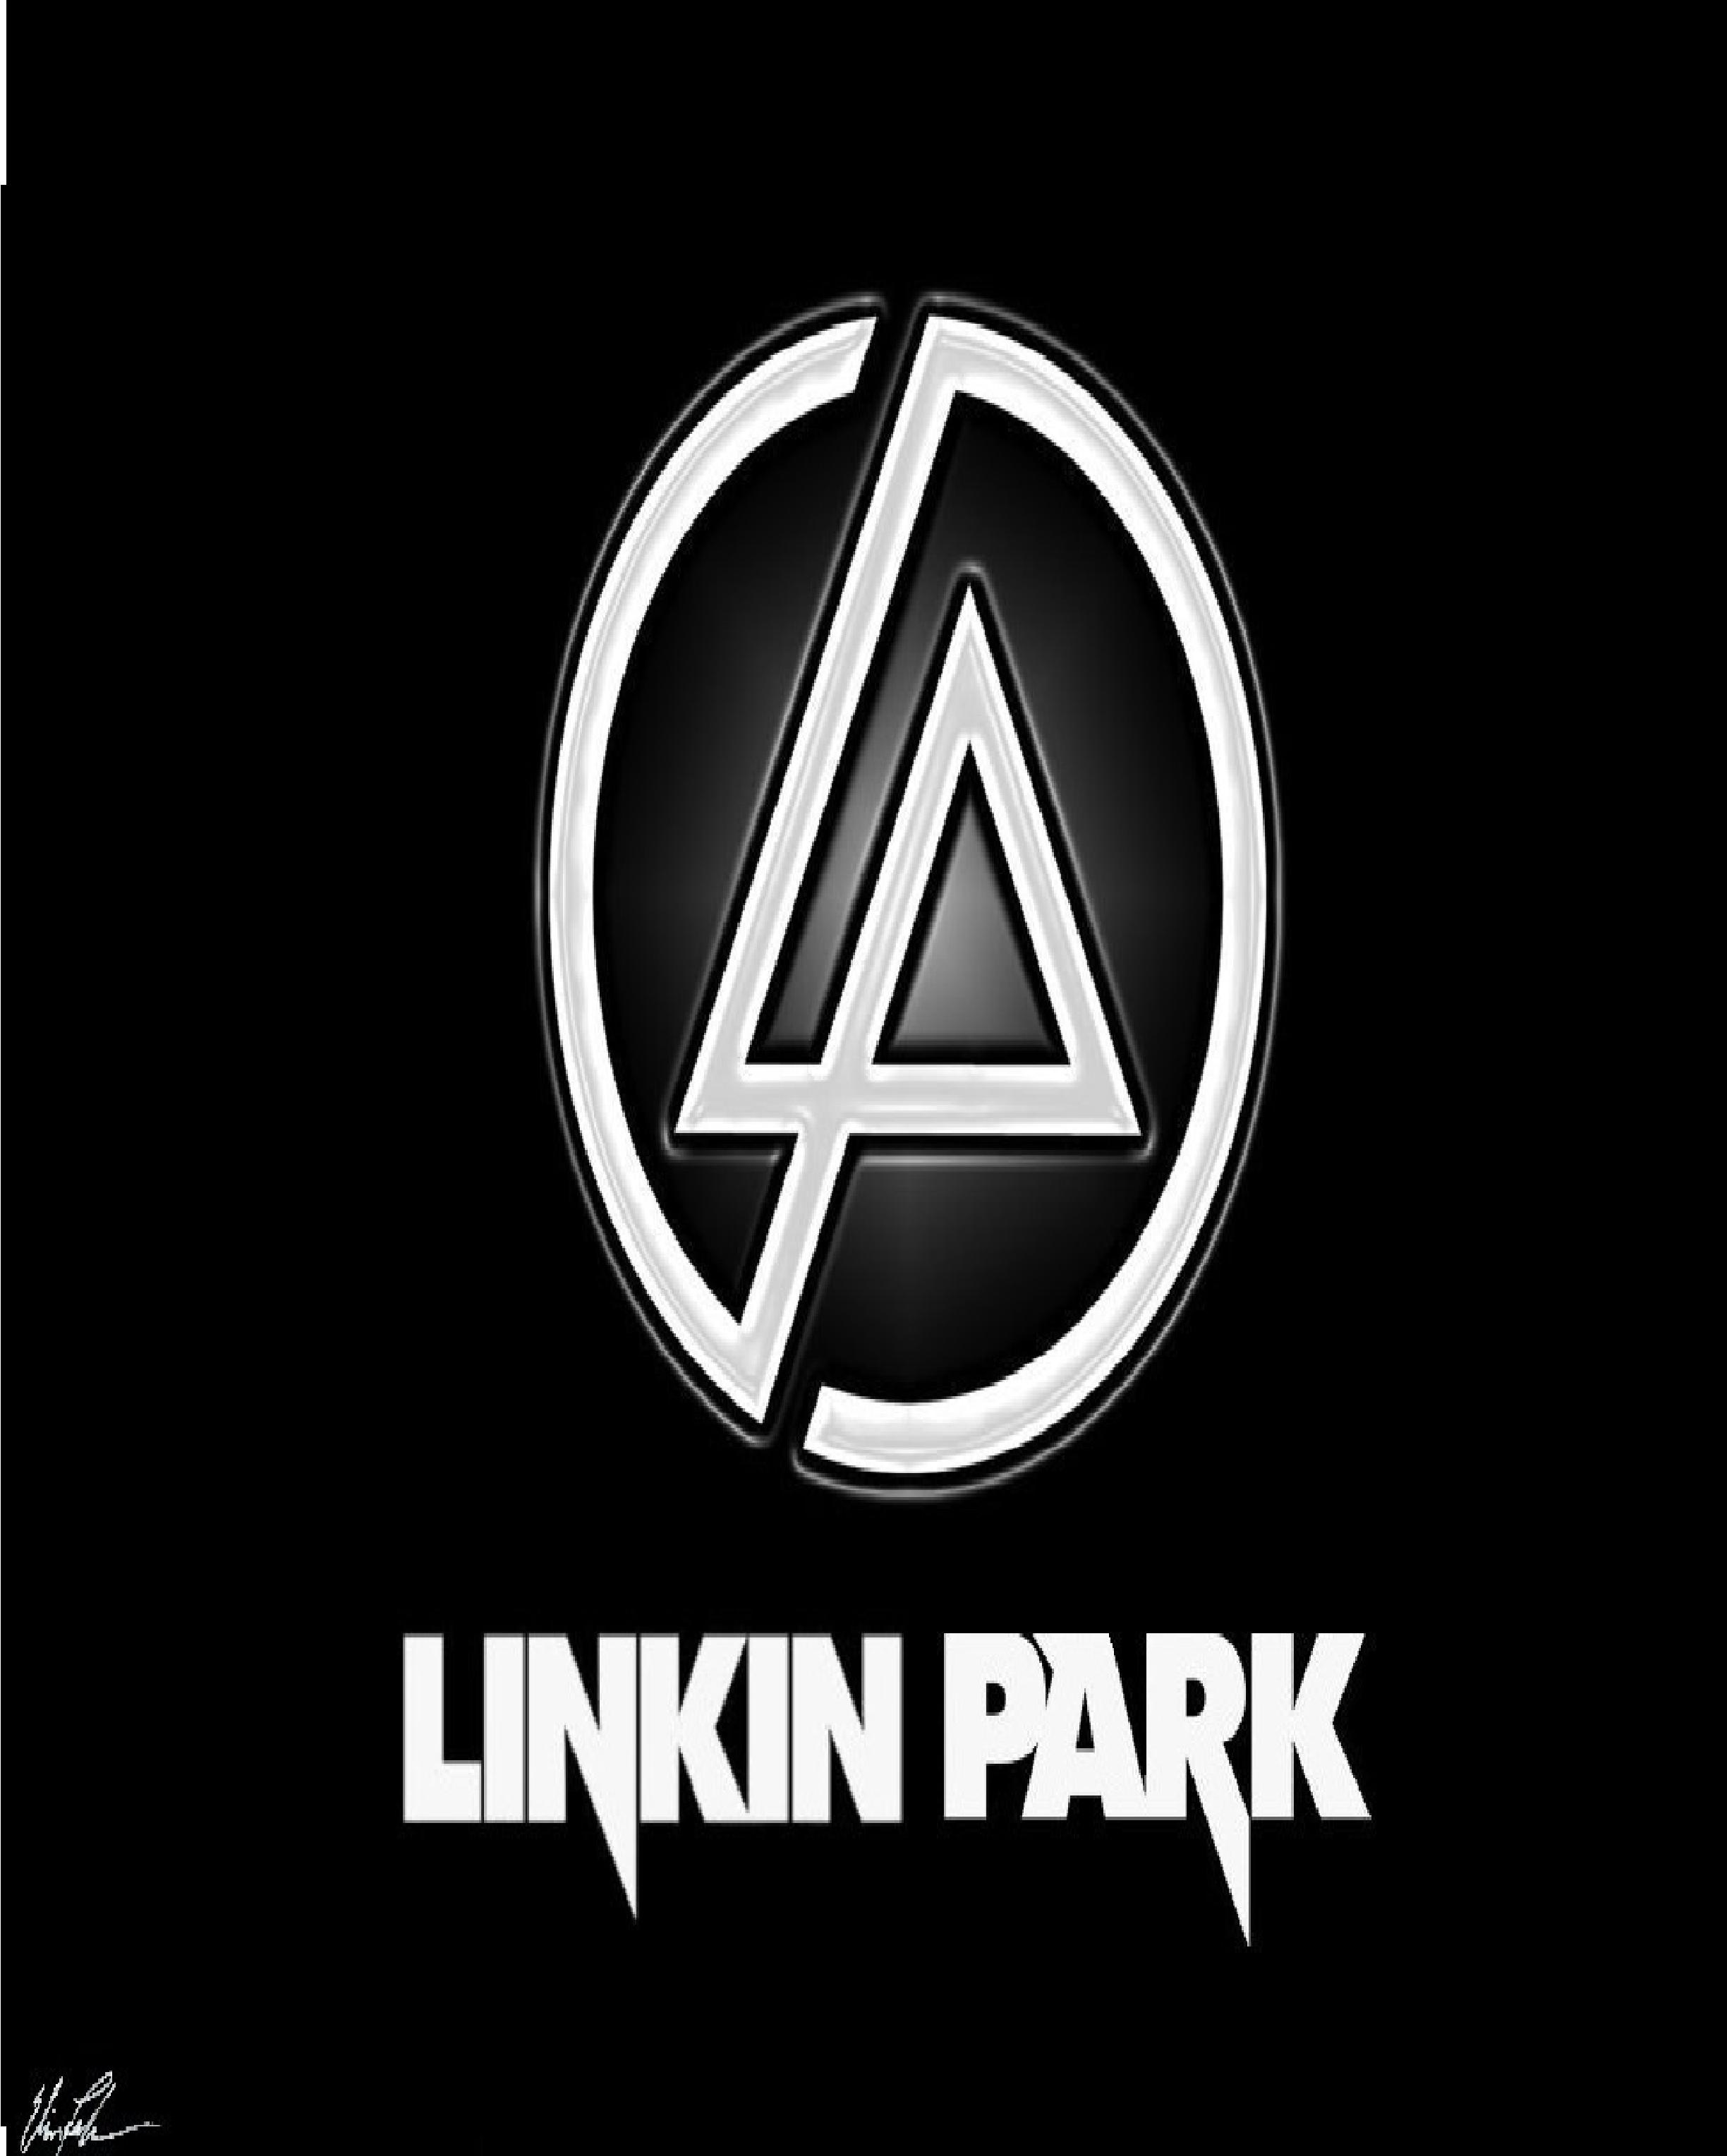 林肯公园logo